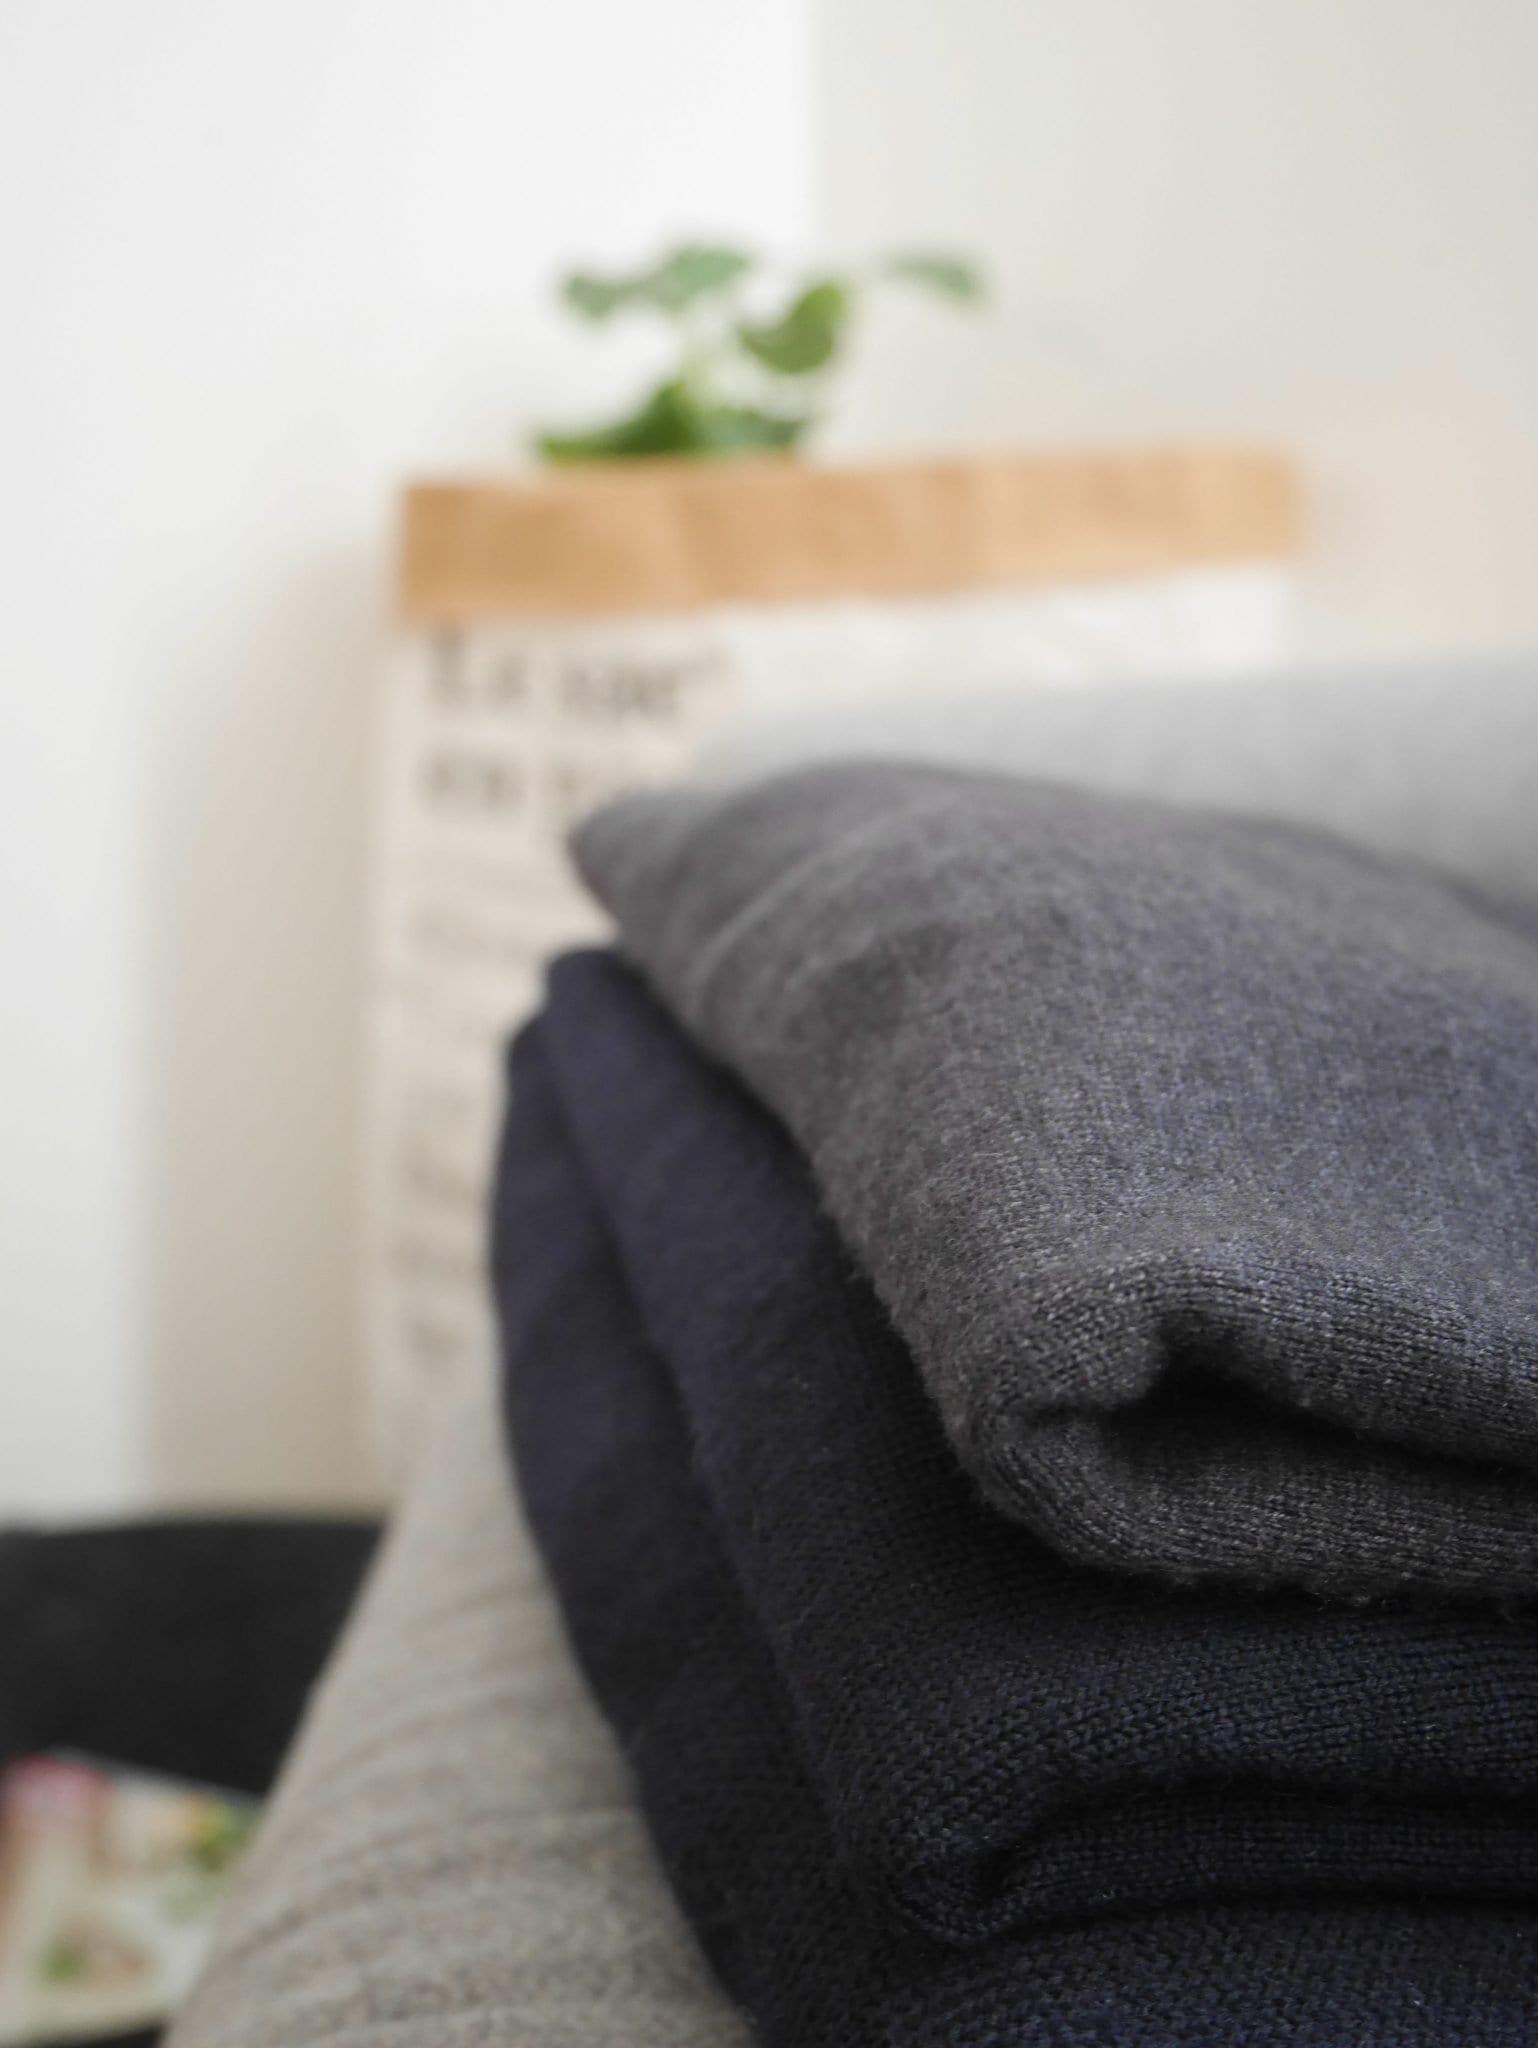 maglione - Le Plume